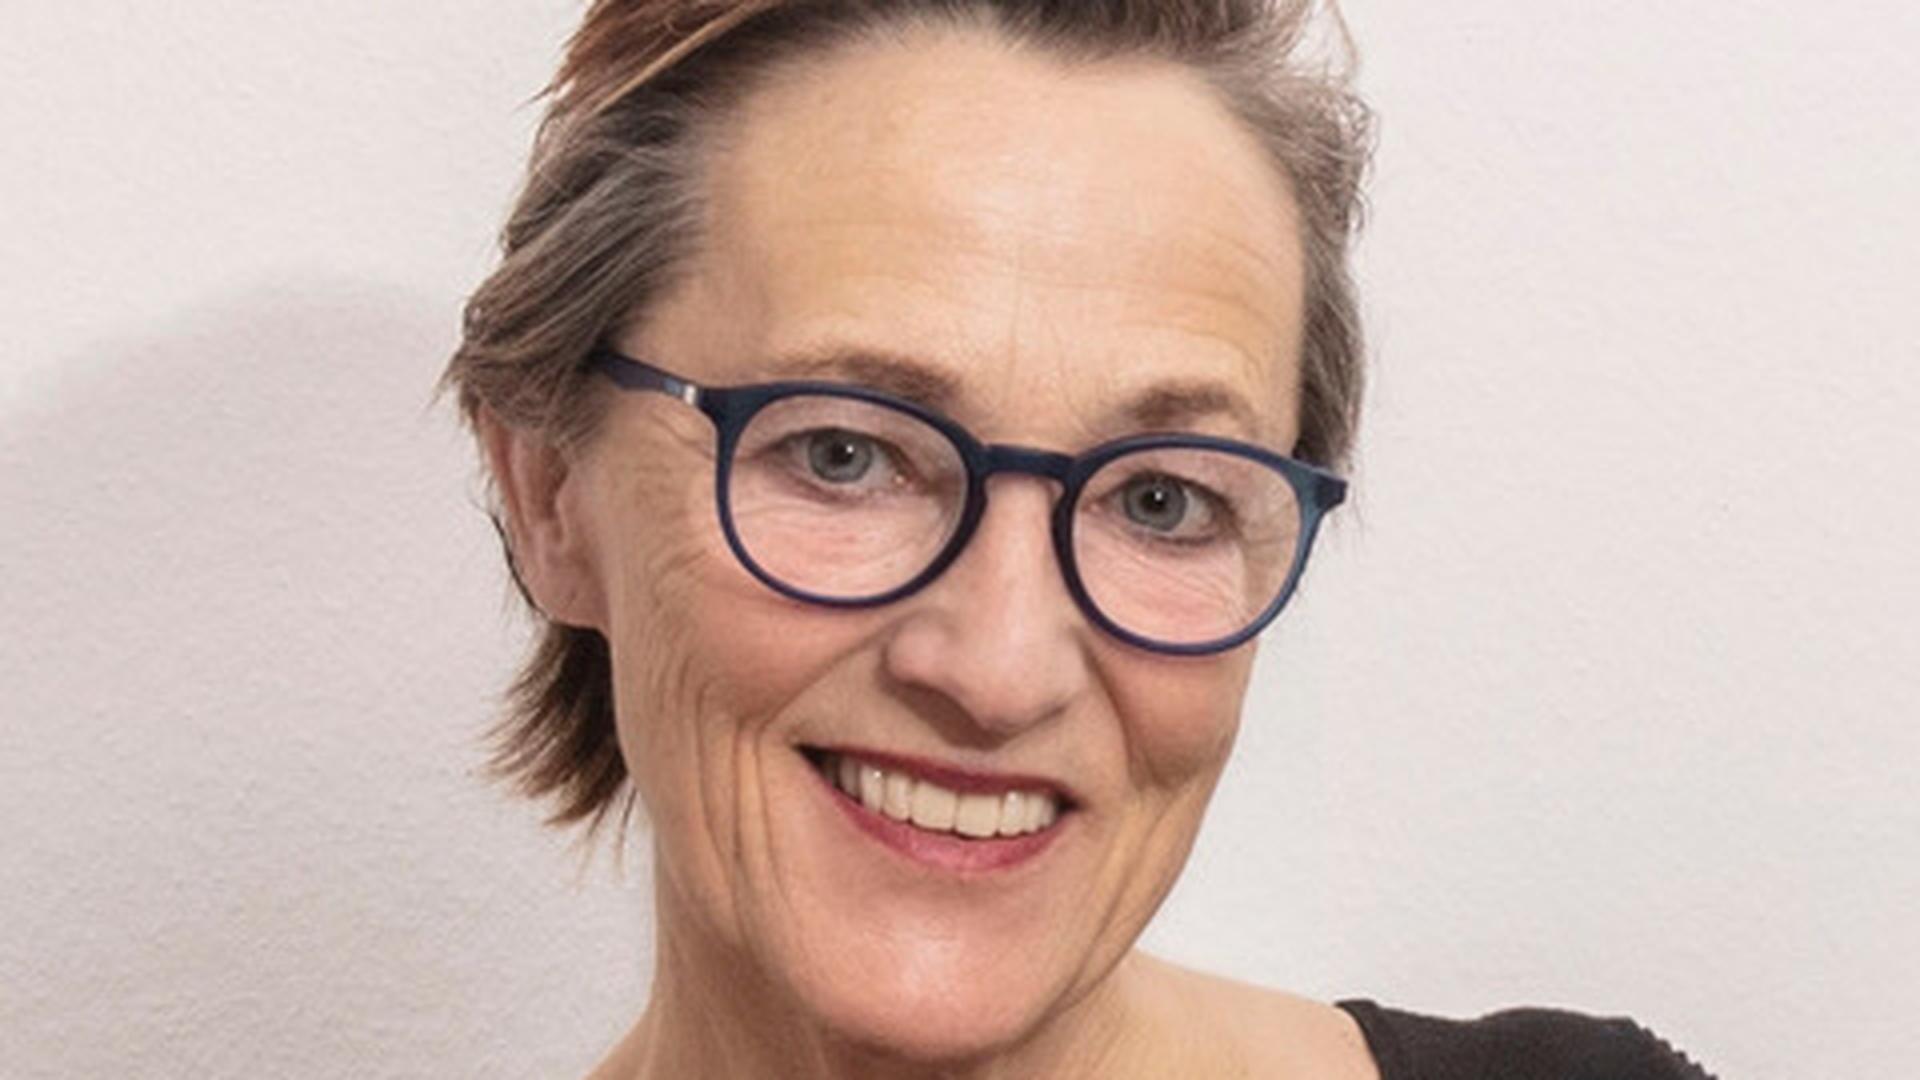 Andrea Fabry